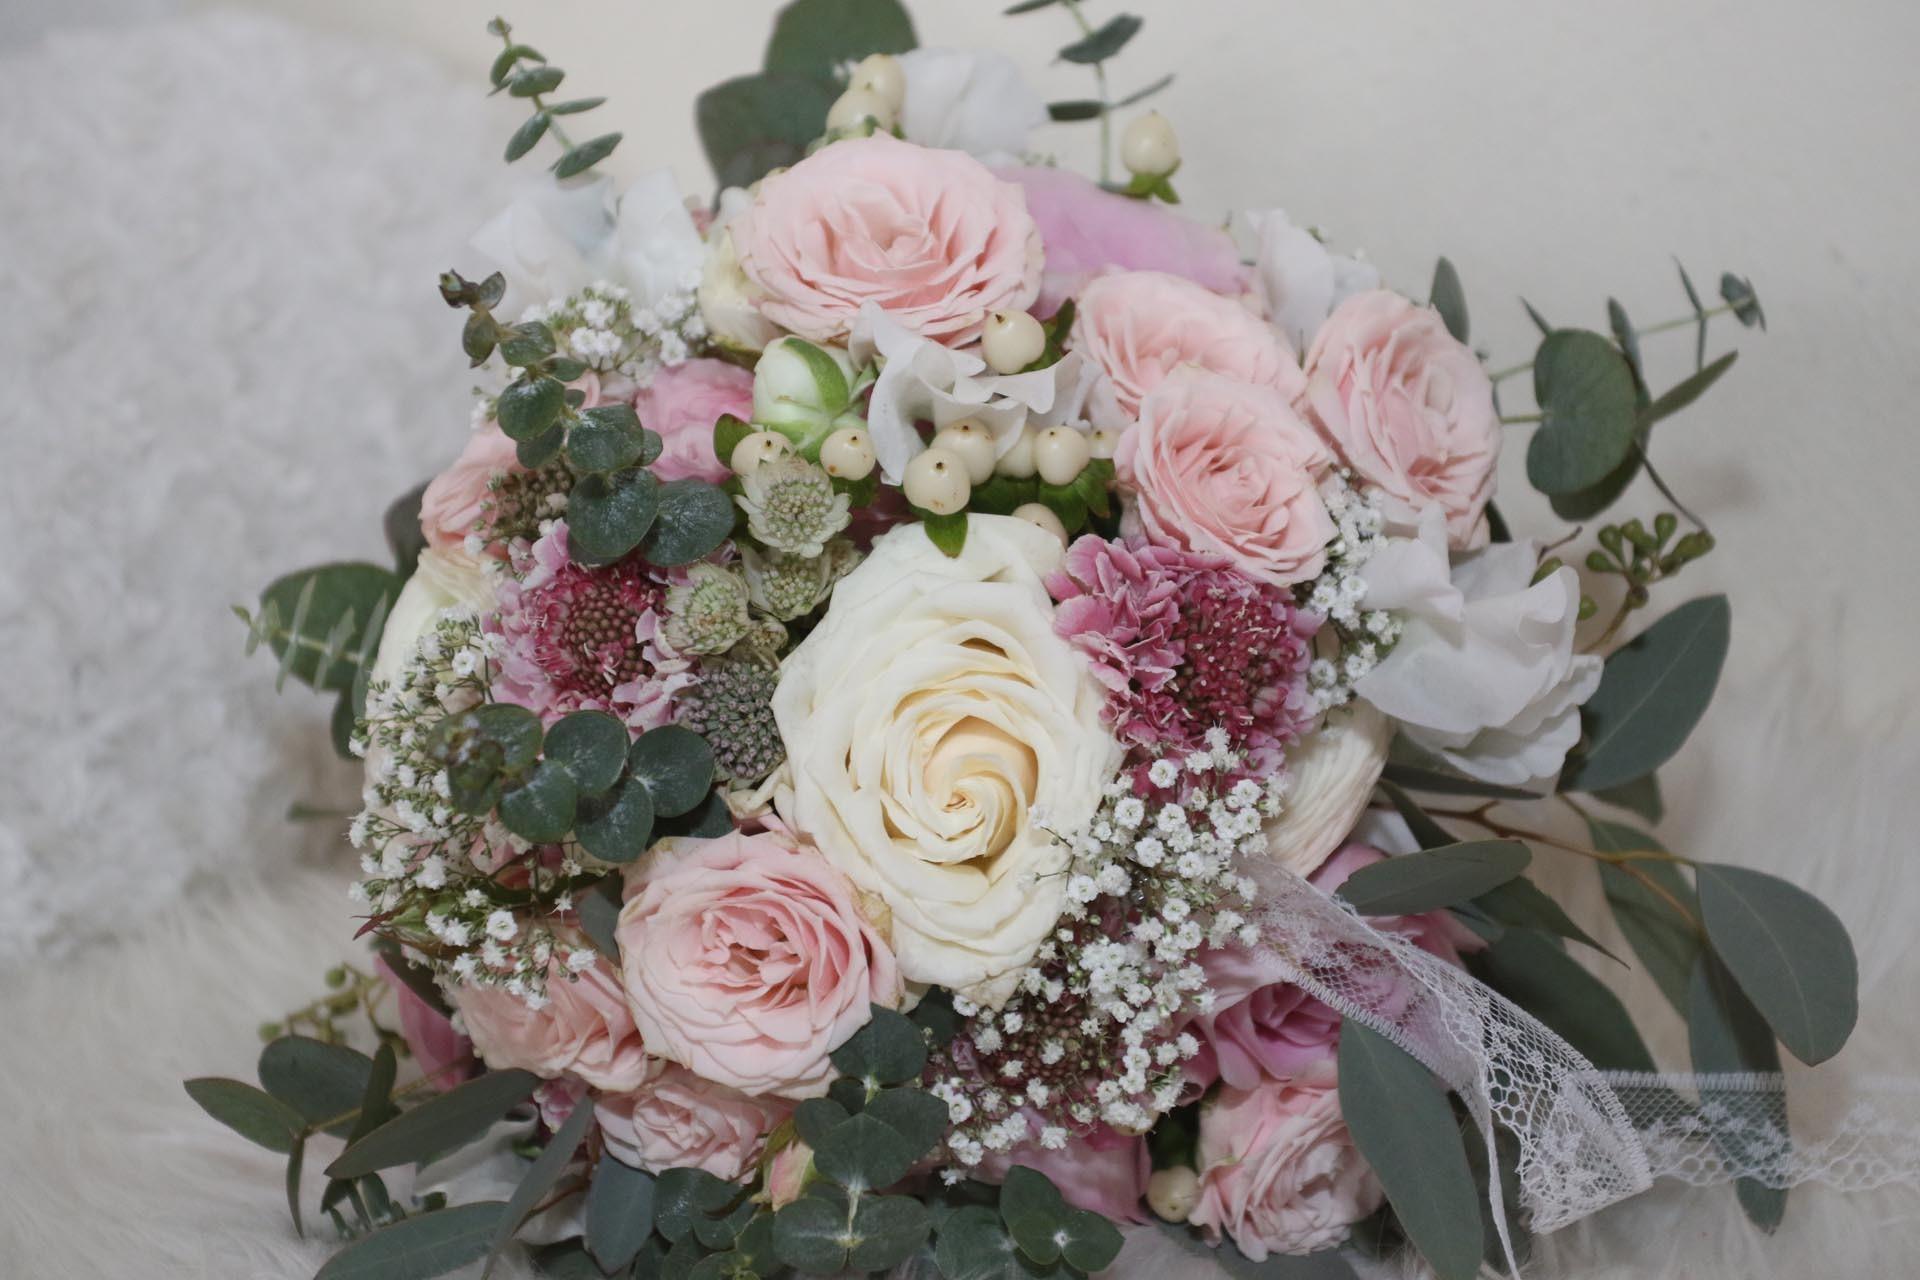 Strukturstrau mit Schleierkraut und Rosen  Heiraten mit